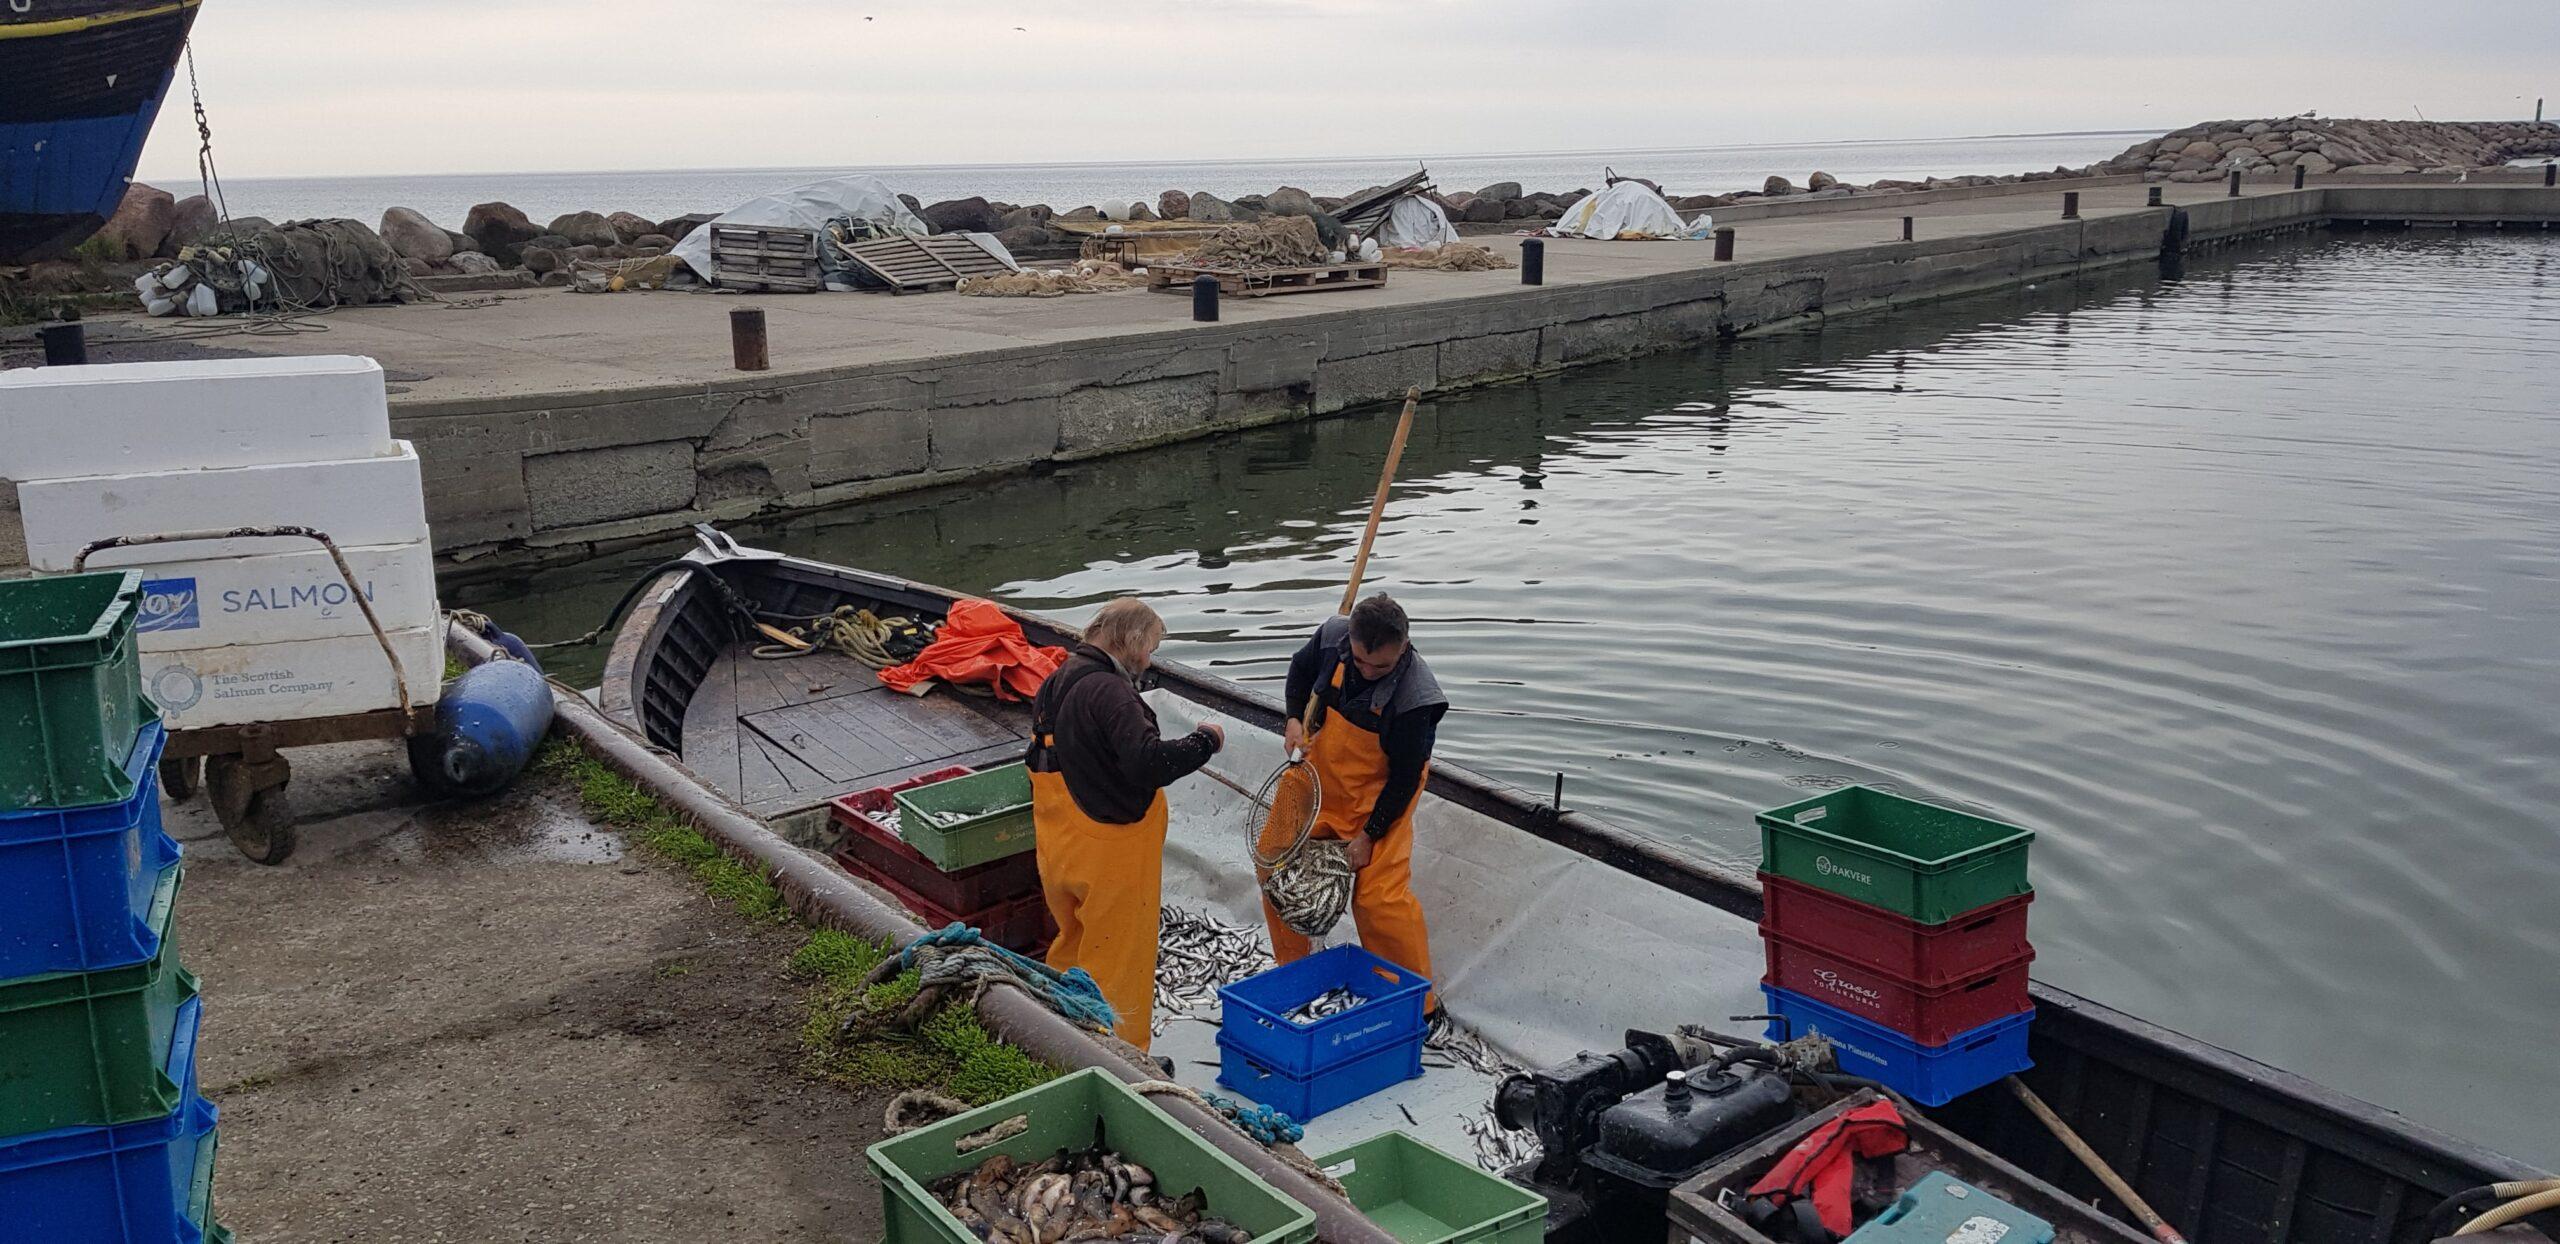 Leia oma kohalik kalamees!